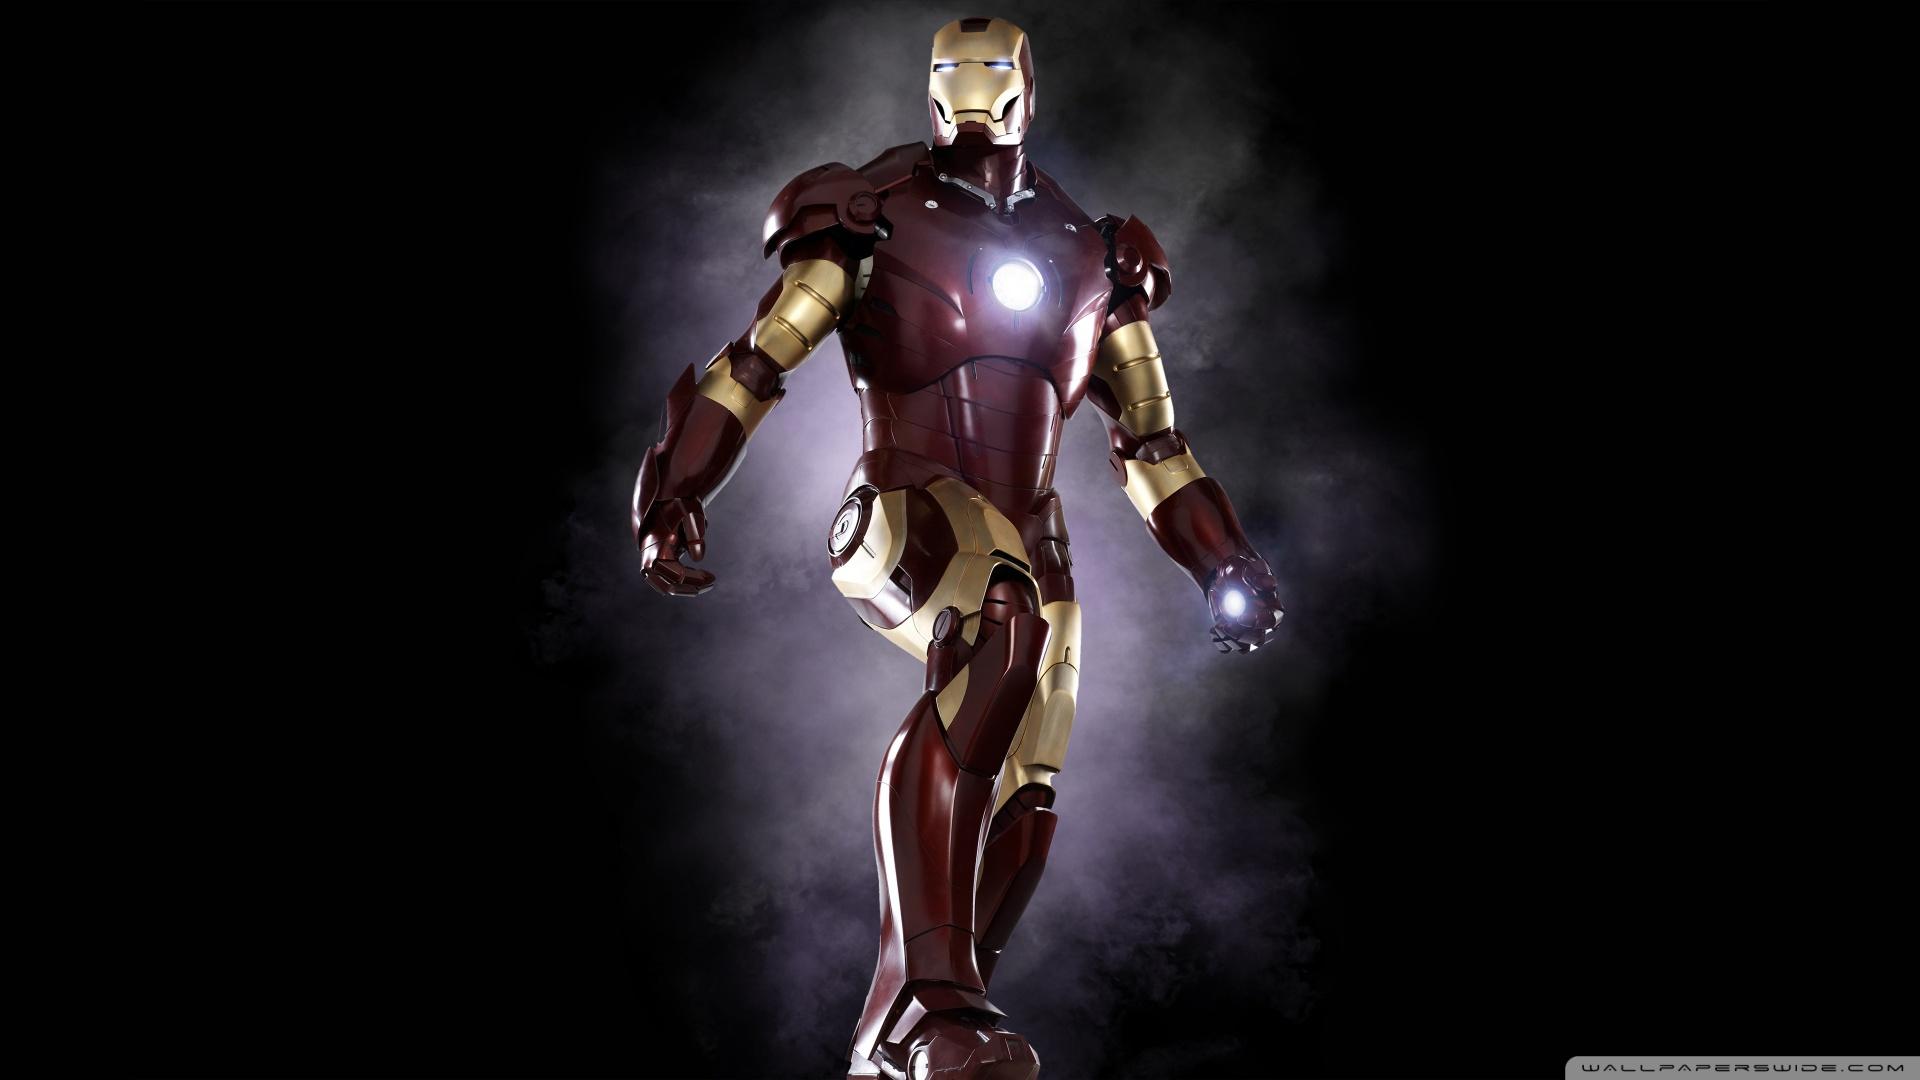 Iron Man 5 Wallpaper 1920x1080 Iron Man 5 1920x1080